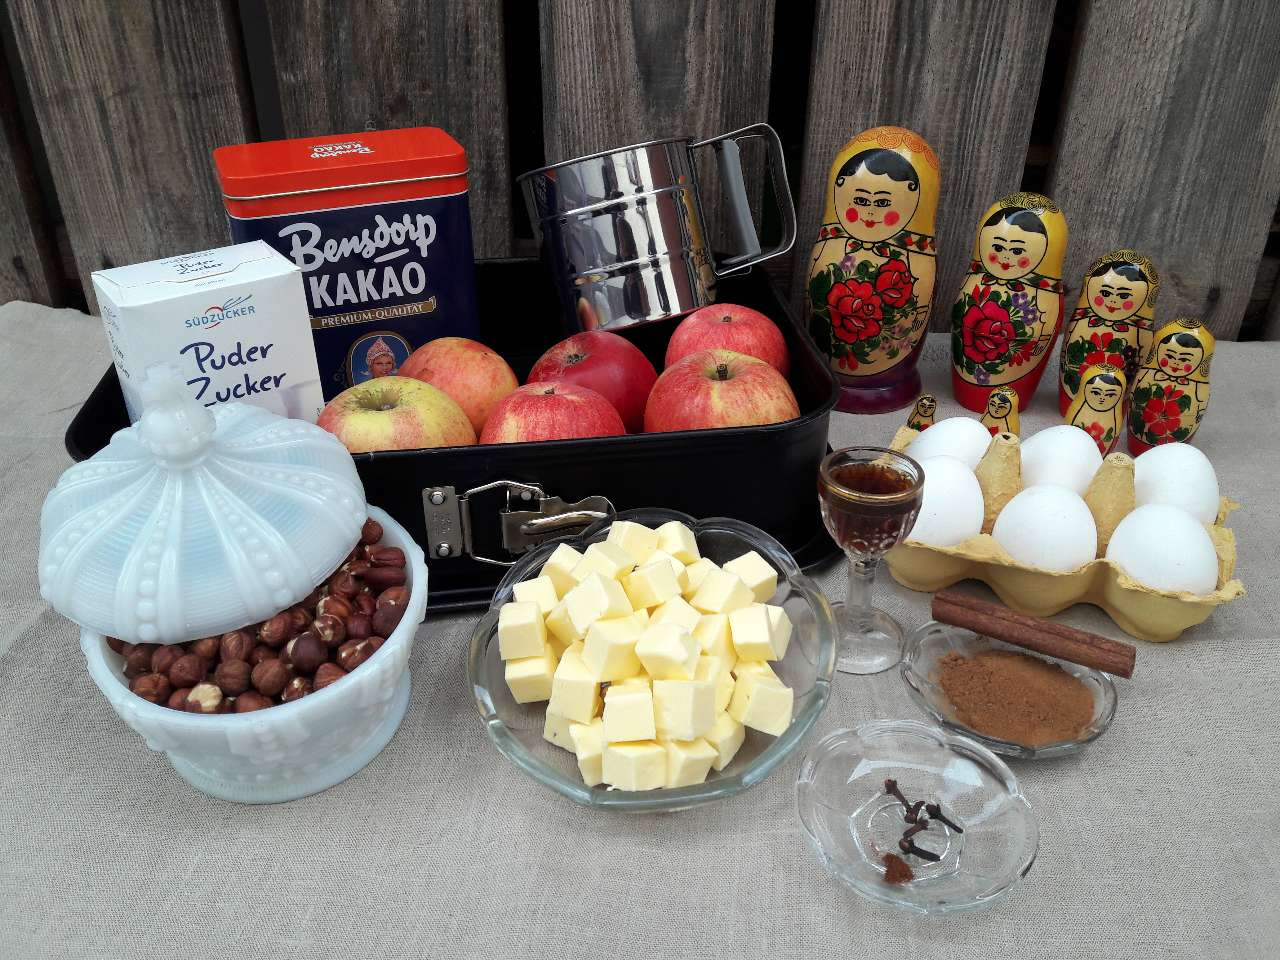 Die Zutaten für den weihnachtlichen Apfelkuchen